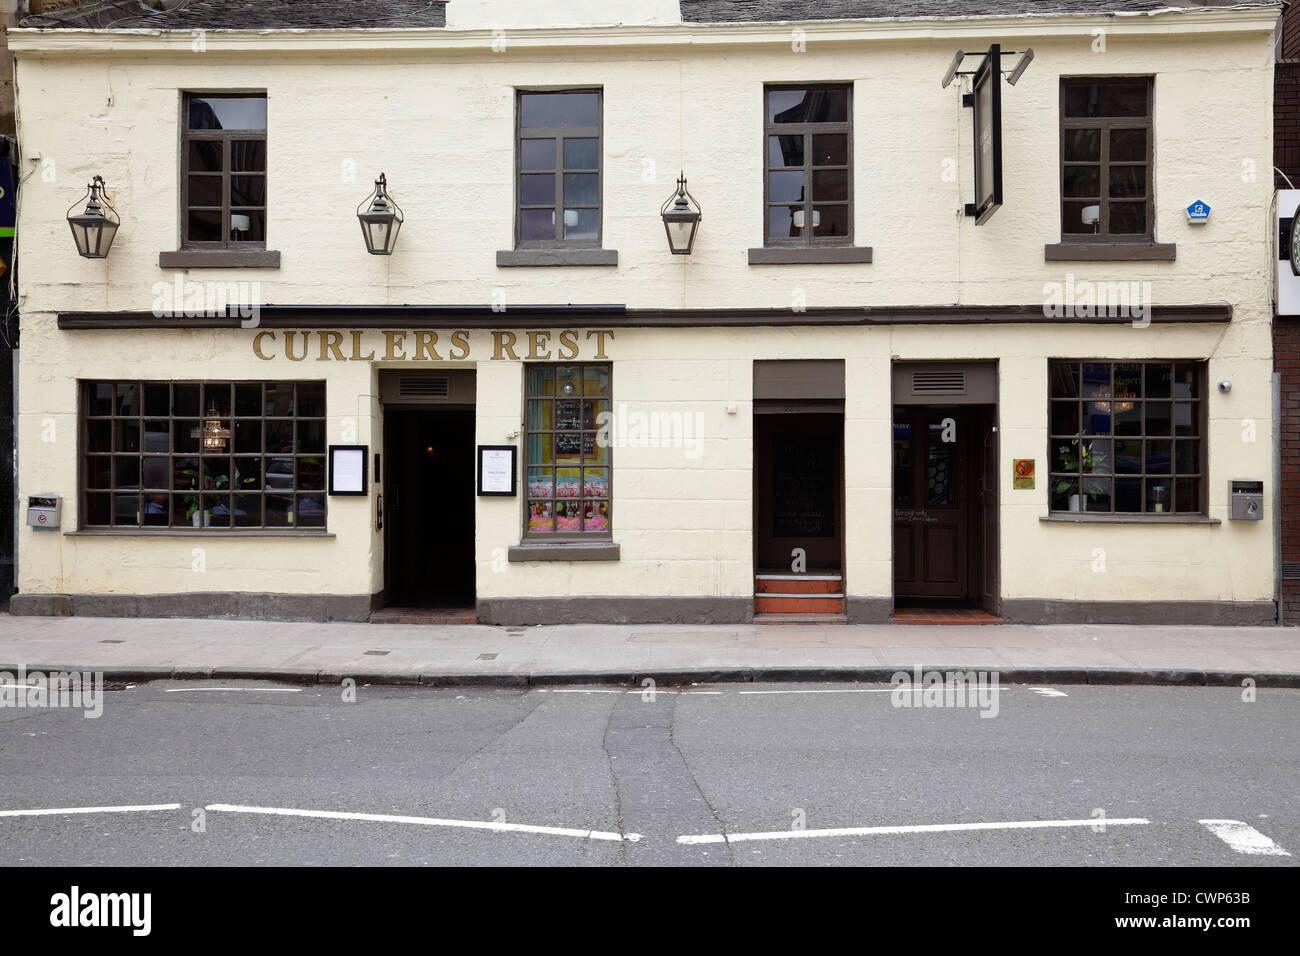 La Curlers resto Pub de Byres Road en el West End de Glasgow, Escocia, Reino Unido Imagen De Stock